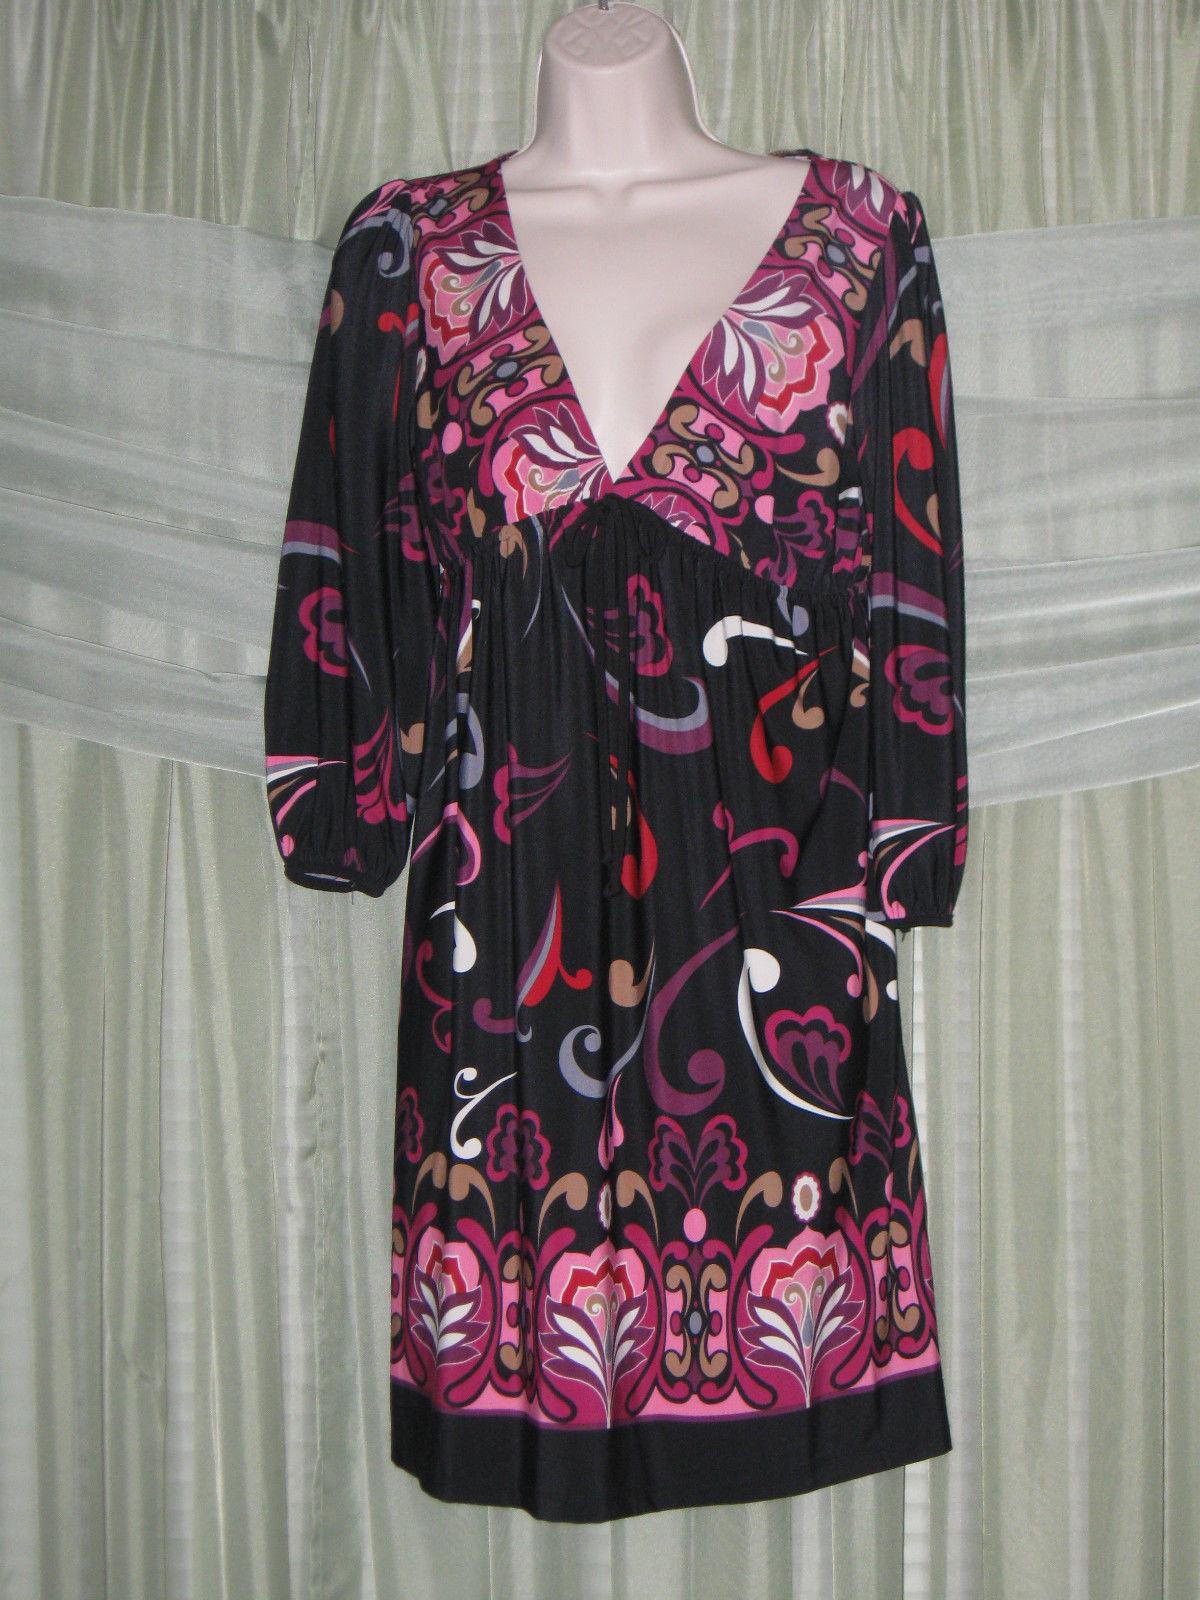 50db3cc845cbf9 M RHAPSODY V-Neckline Stylish Vintage Black and similar items